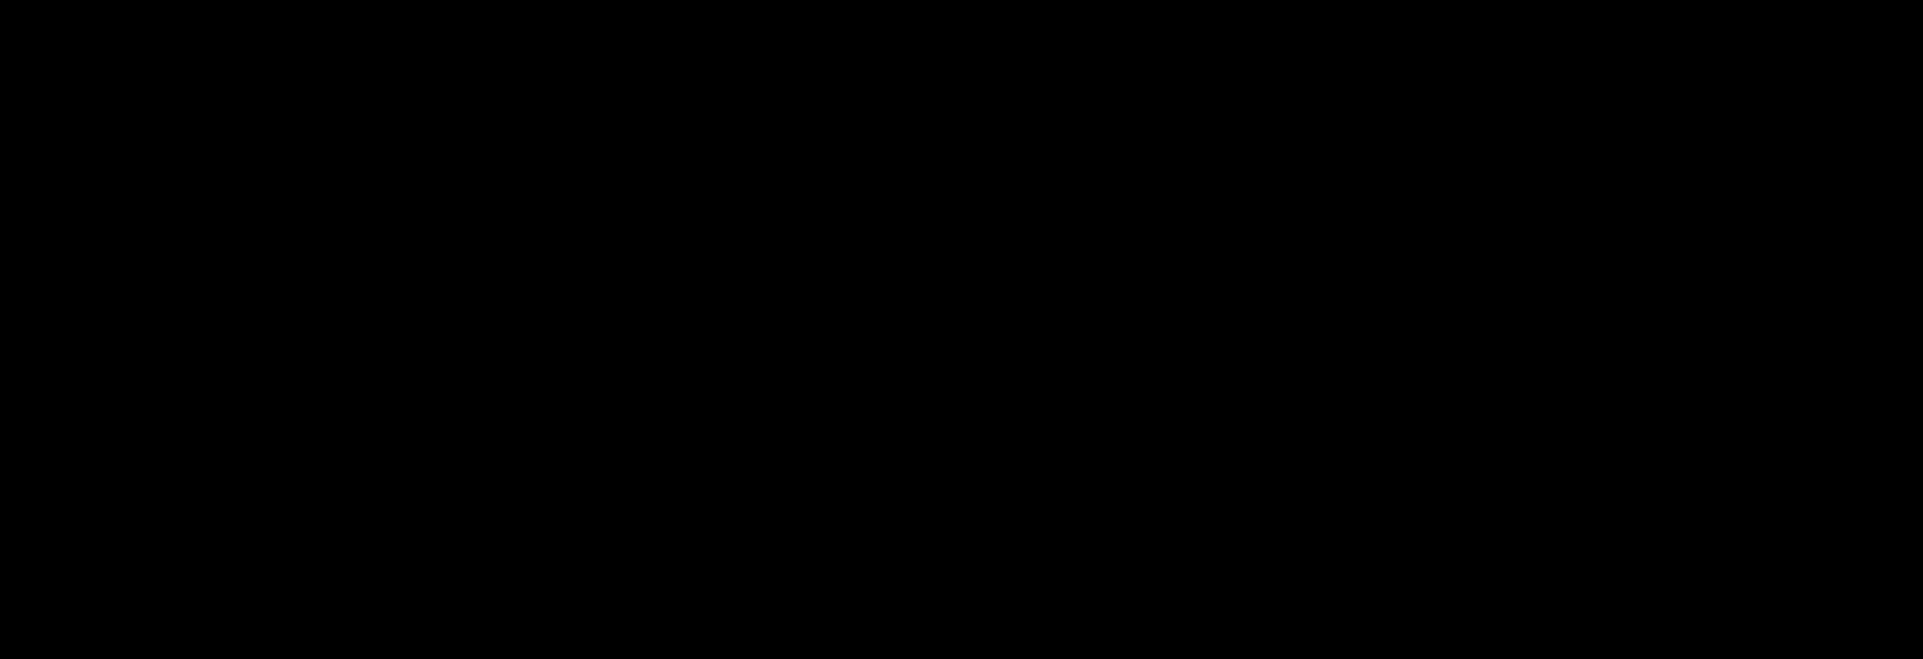 wo-black-logo.png